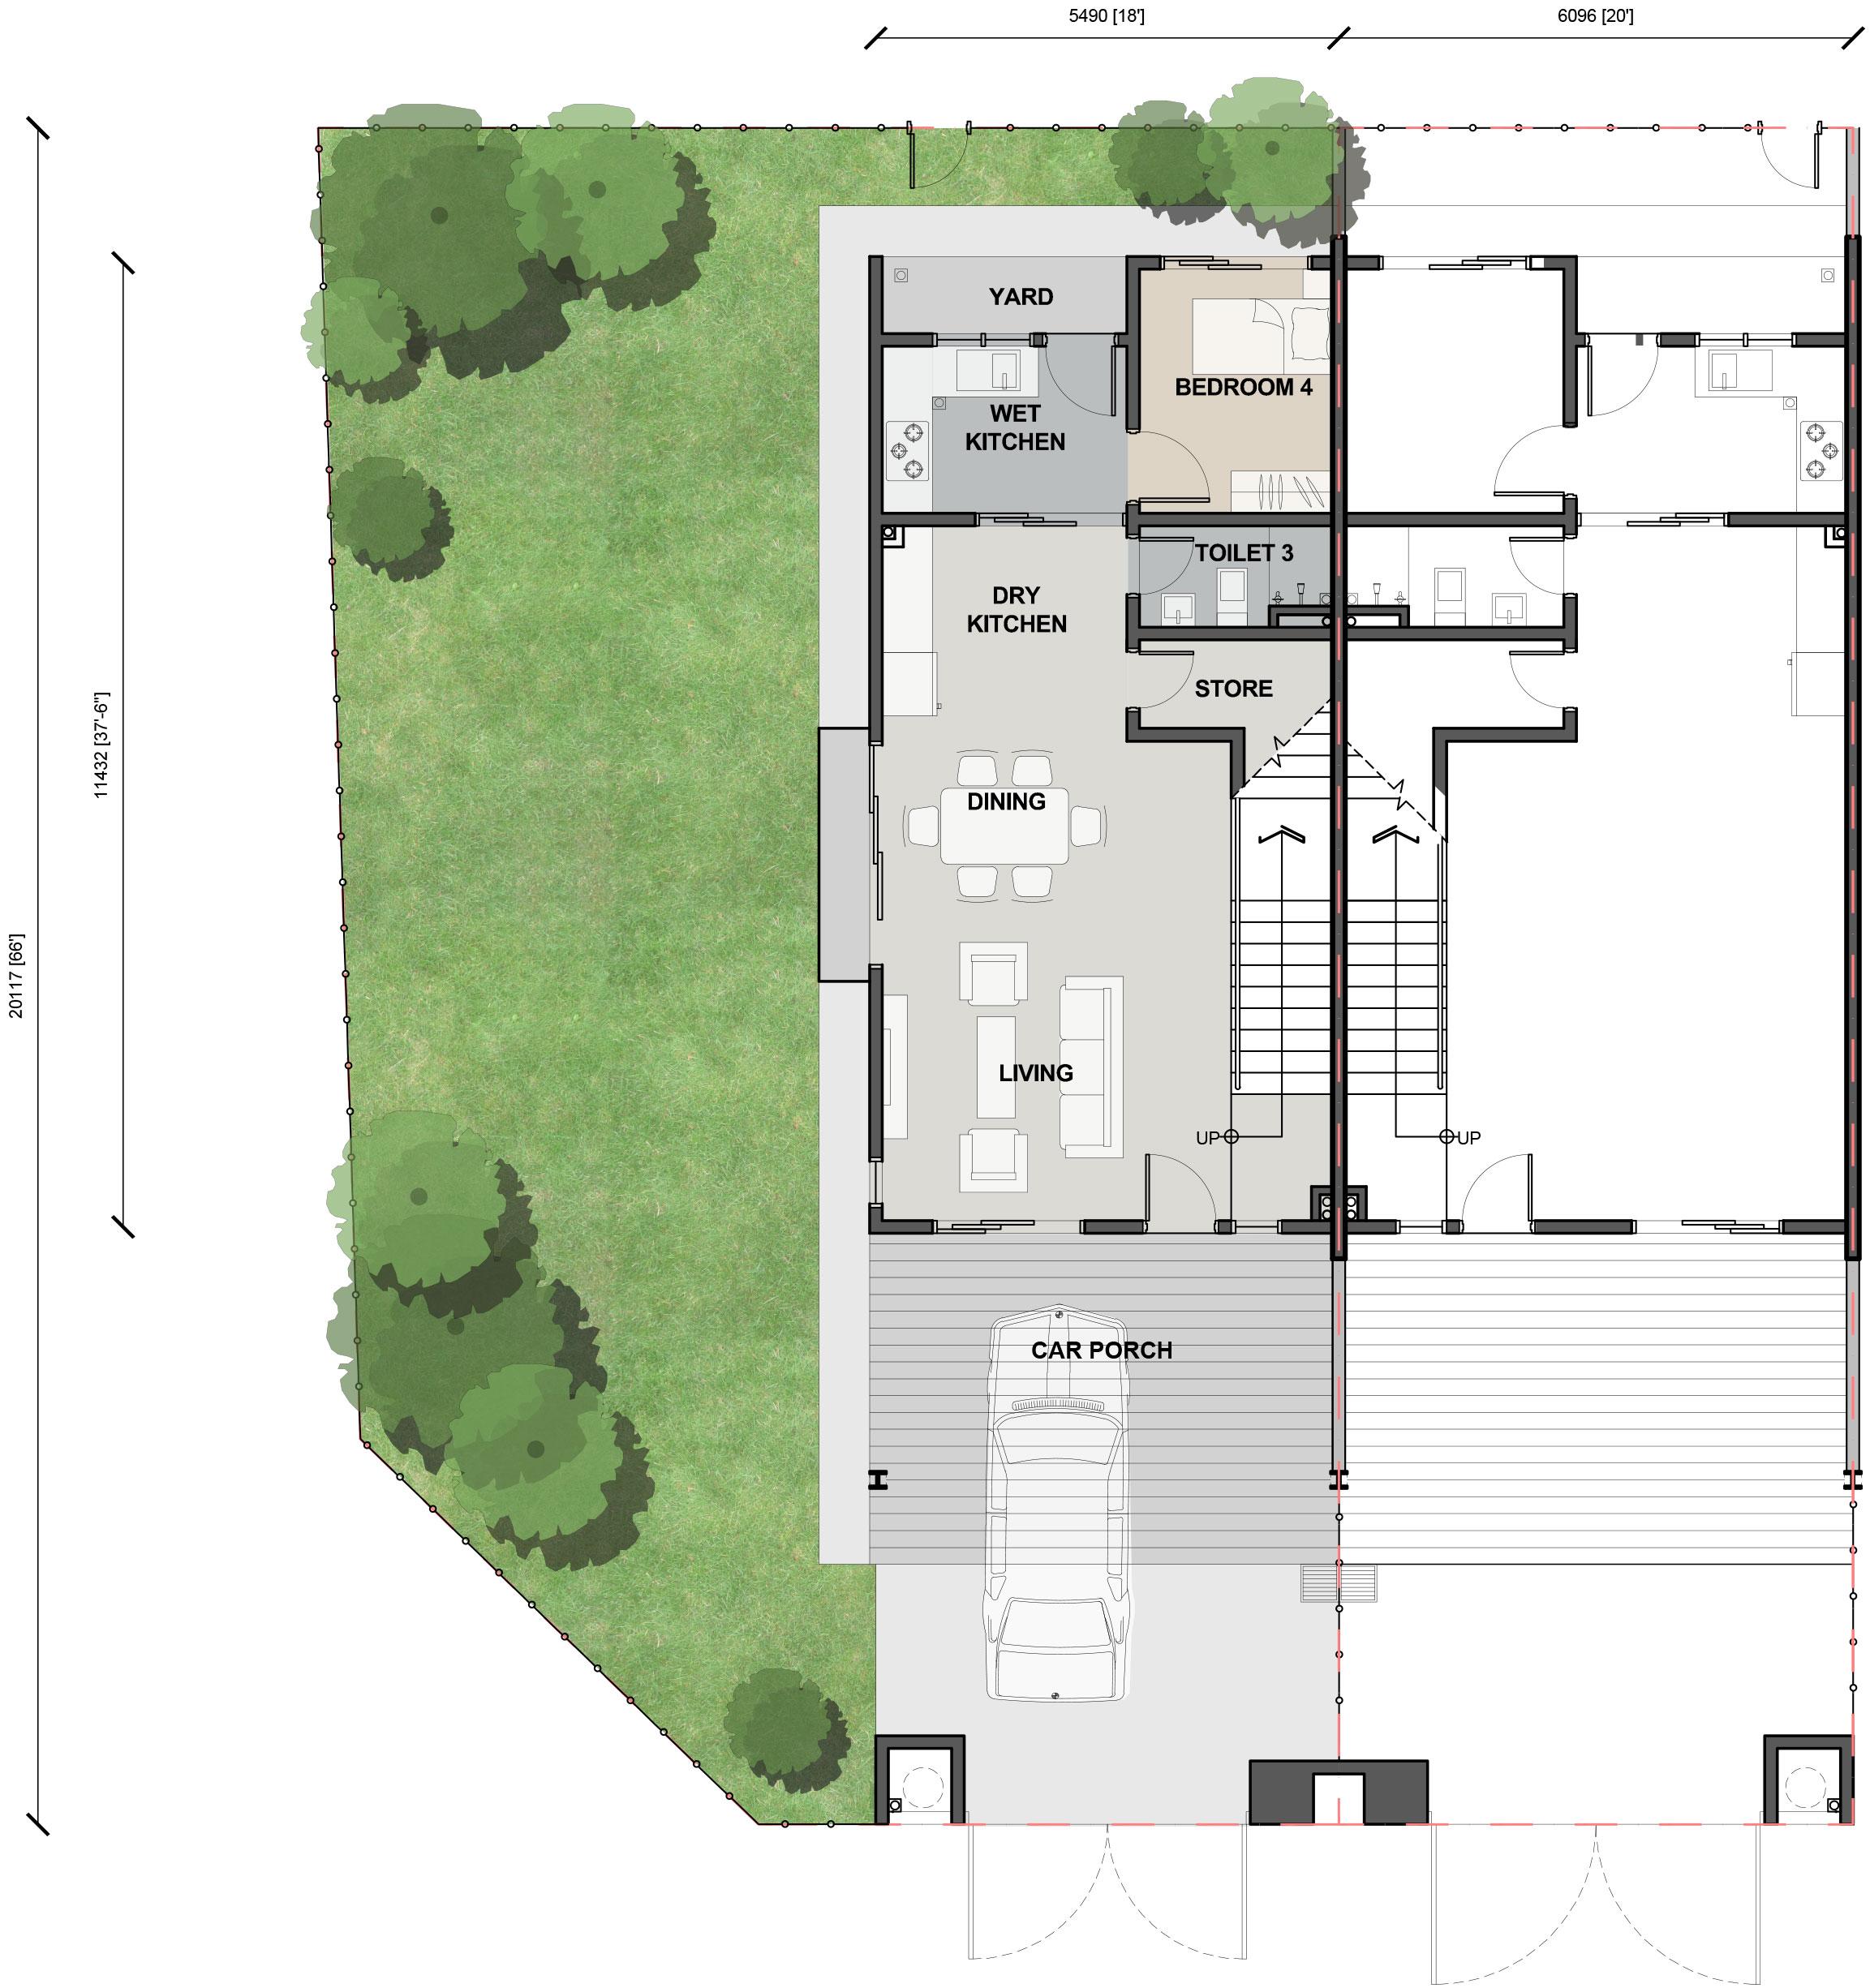 Double Storey Terrace - Ground Floor